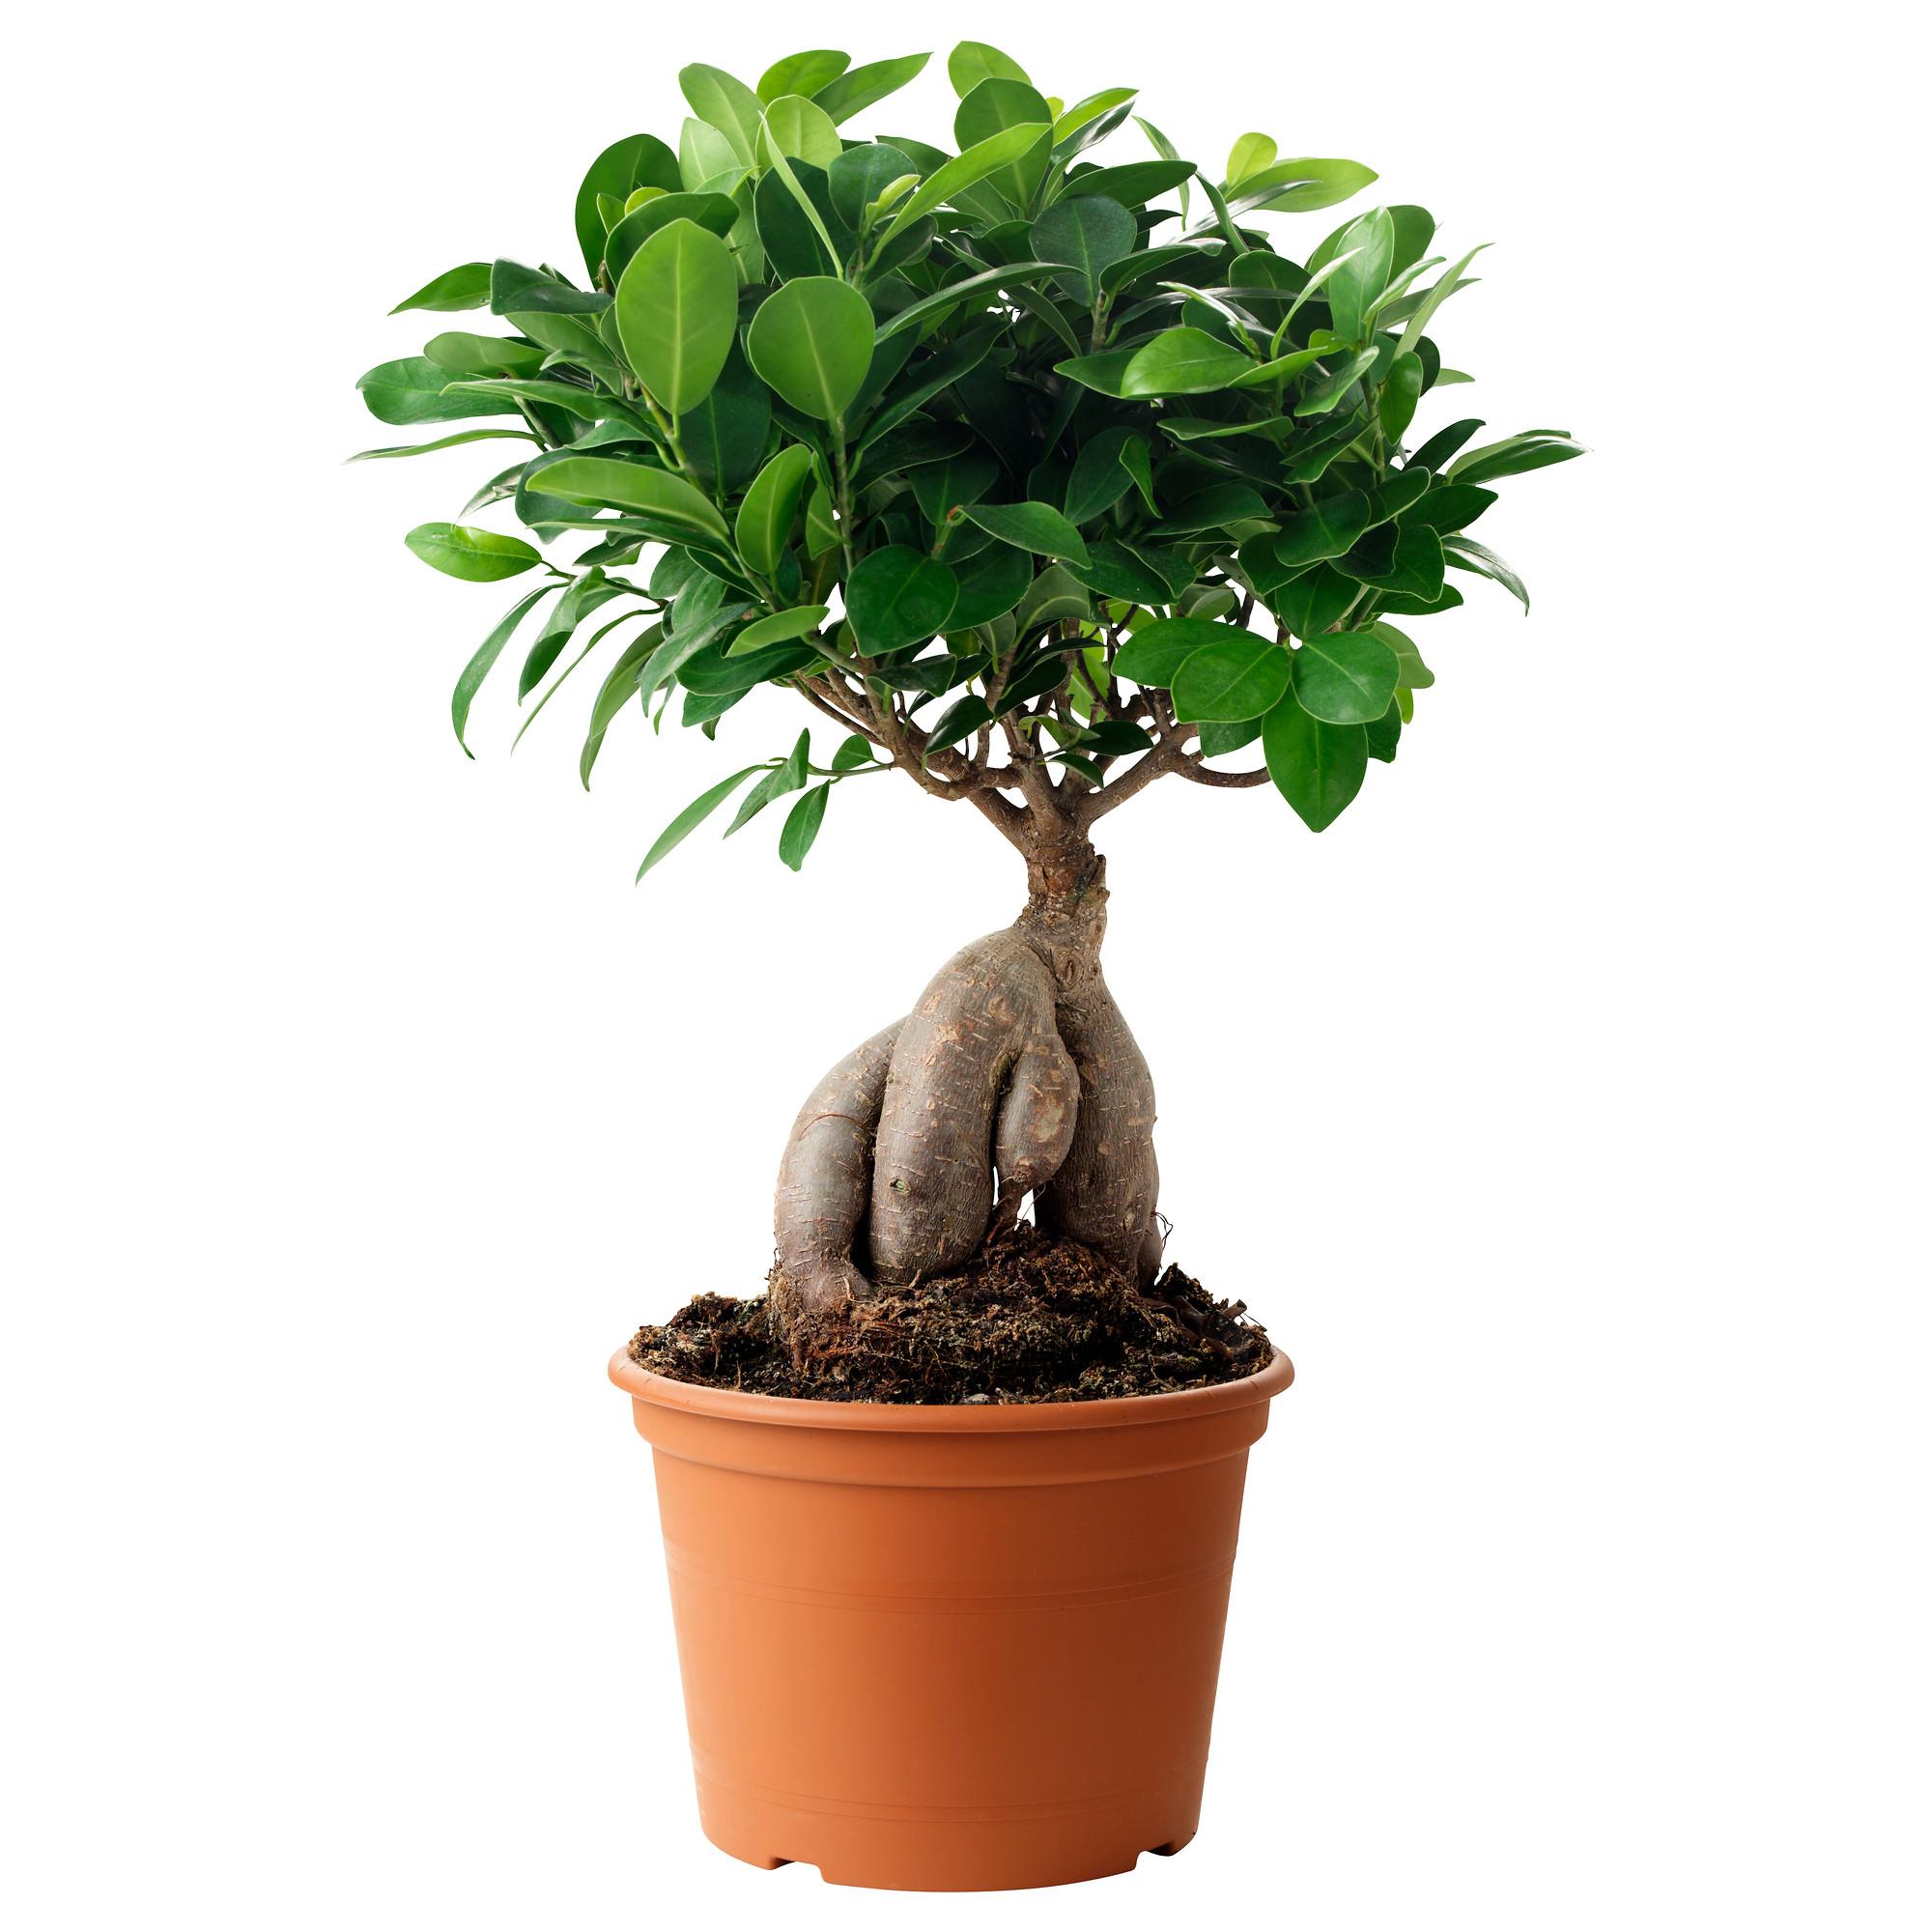 наших растения для комнатного бонсая в картинках создадут